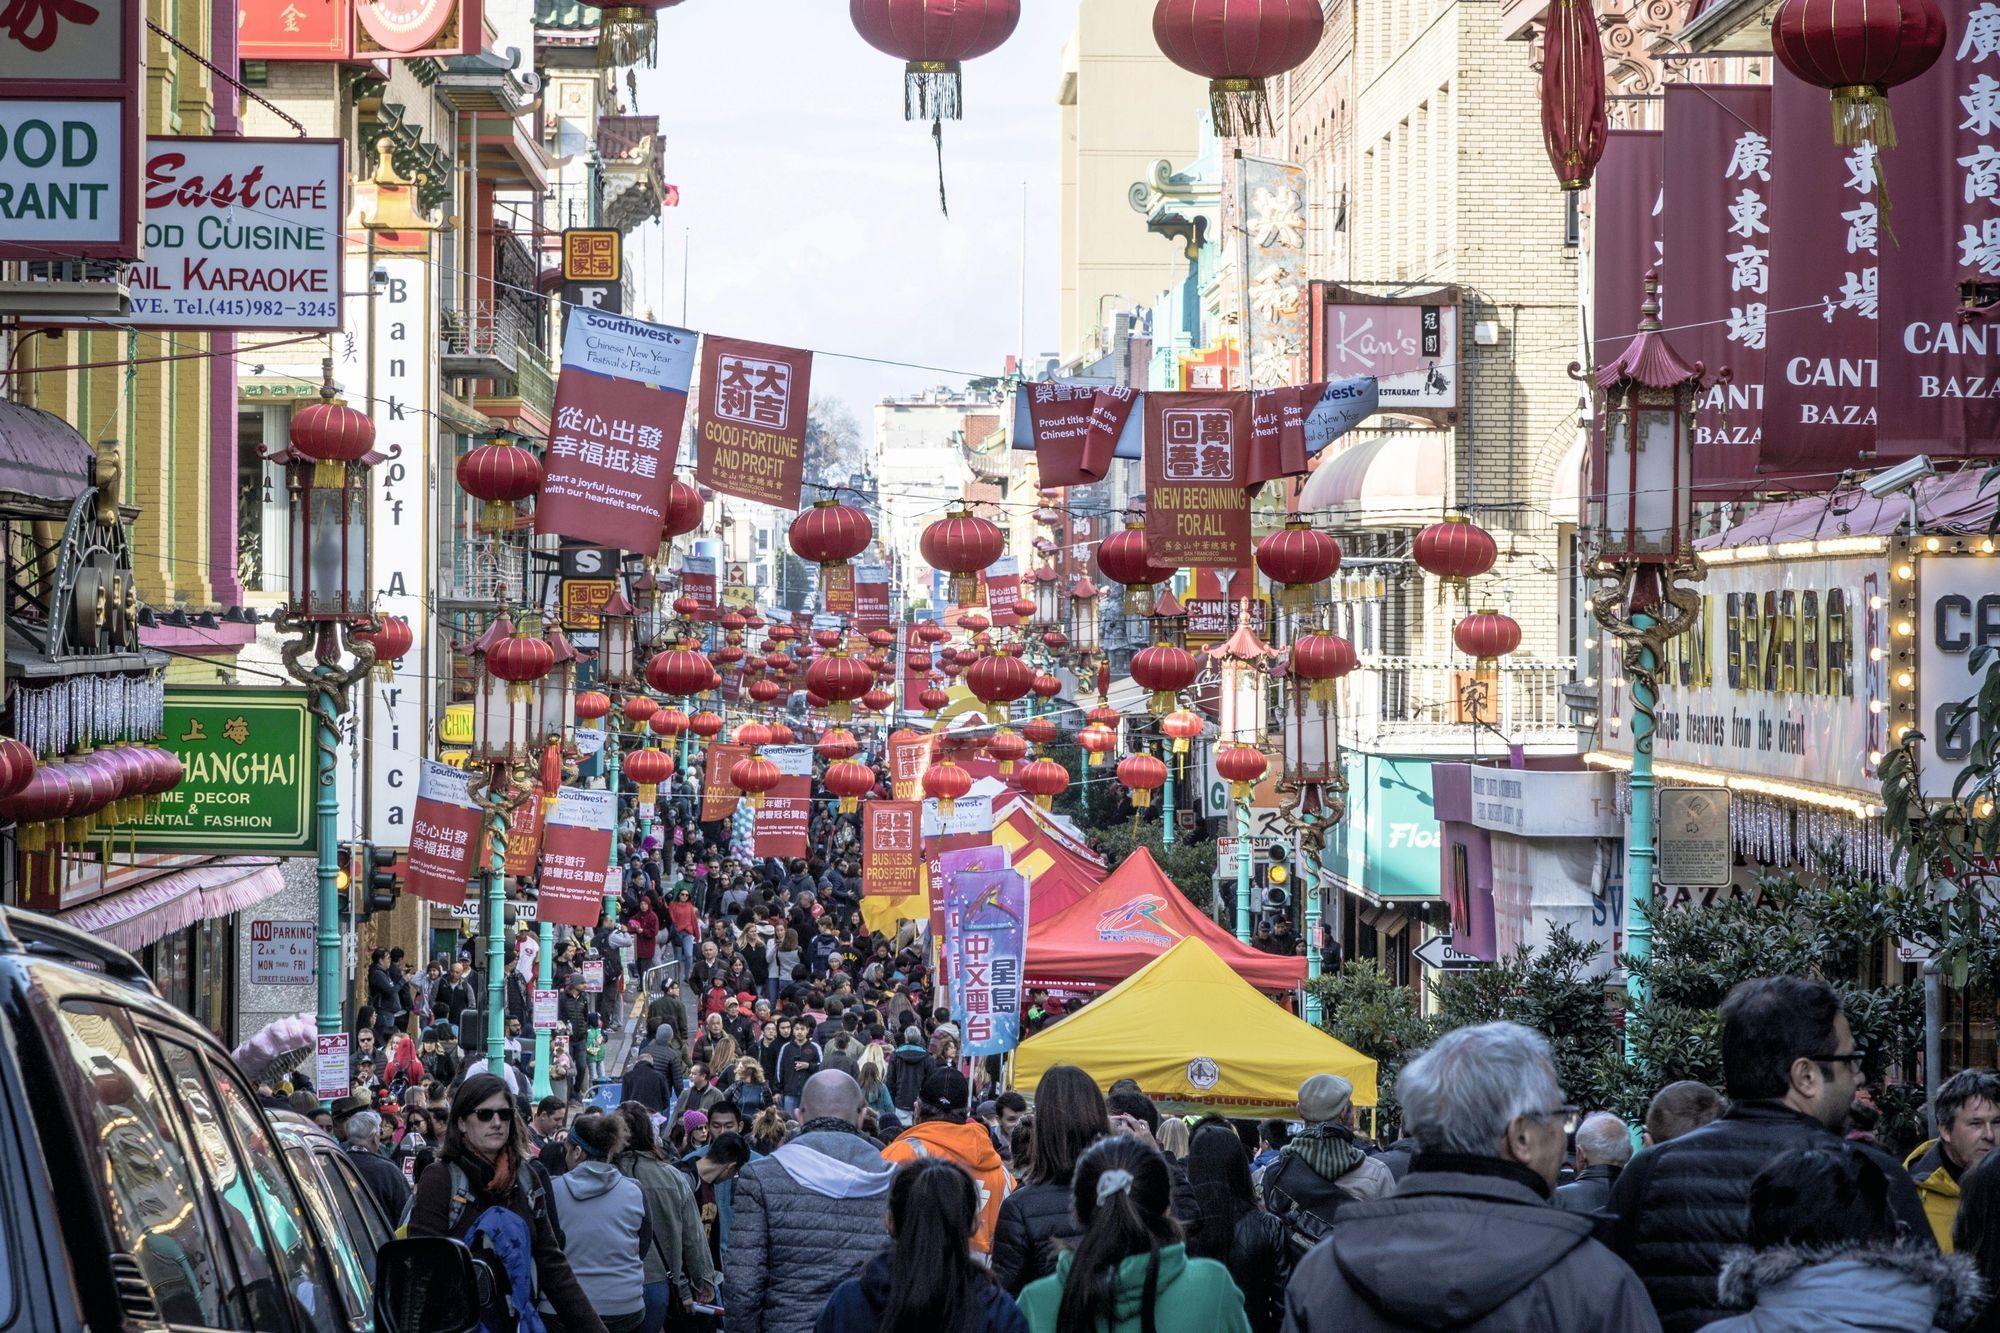 Célébration du nouvel an chinois à San Francisco (2018)